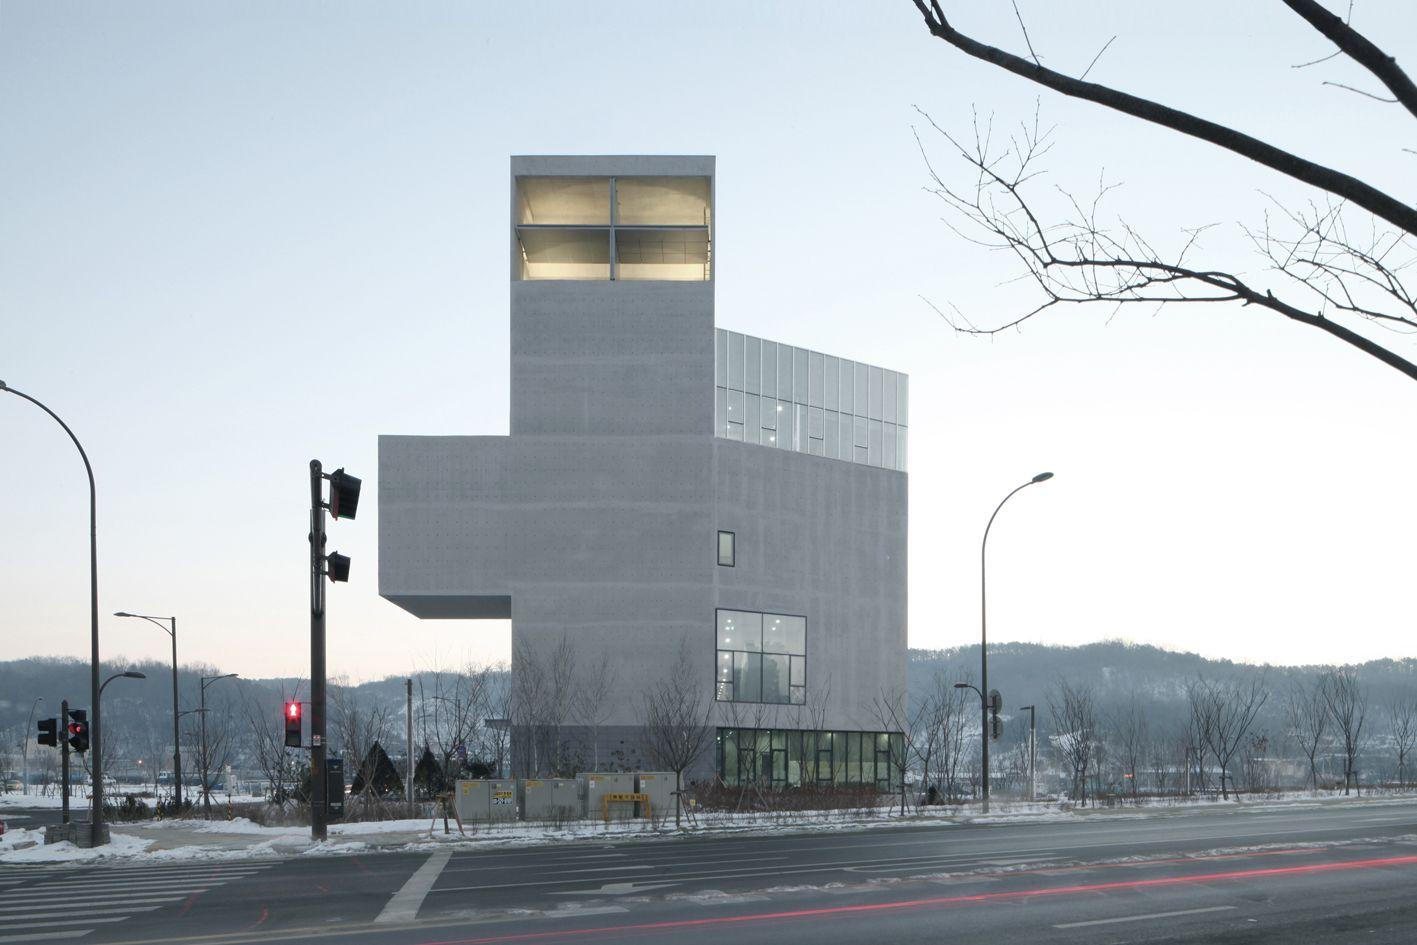 Rw Concrete Church / Nameless